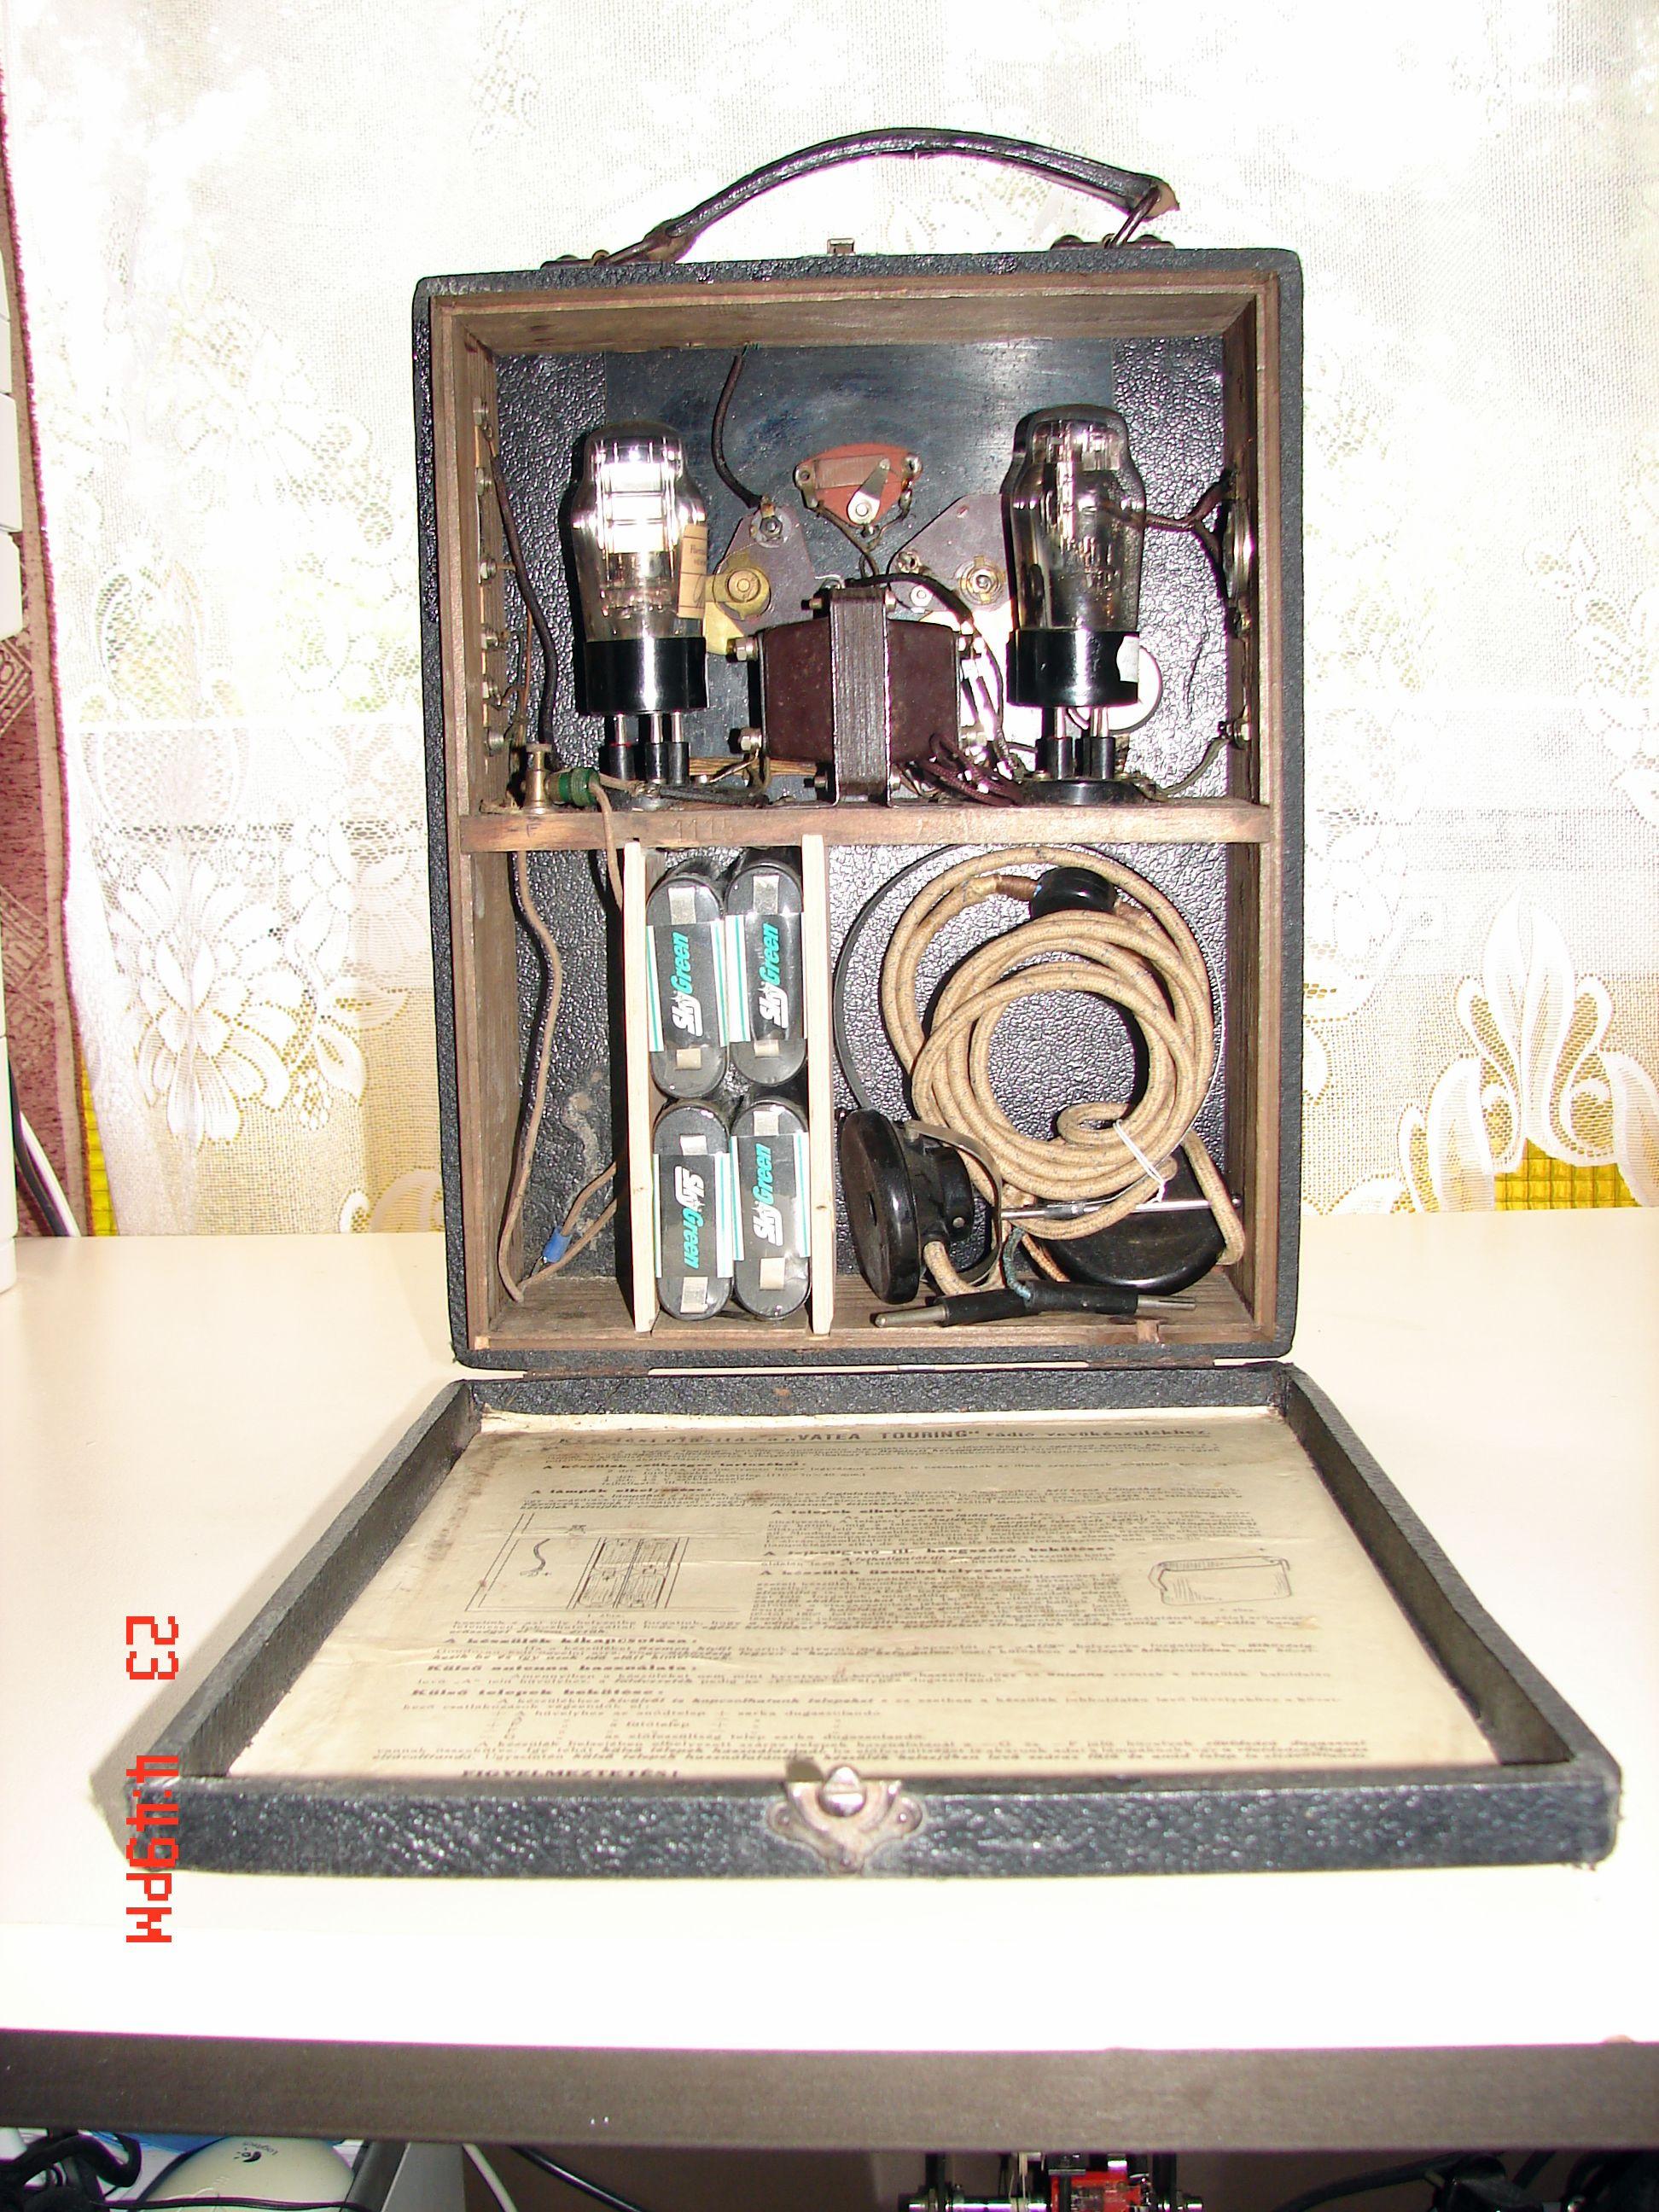 Táskarádió belső: Vatea Touring Portable 1930-32